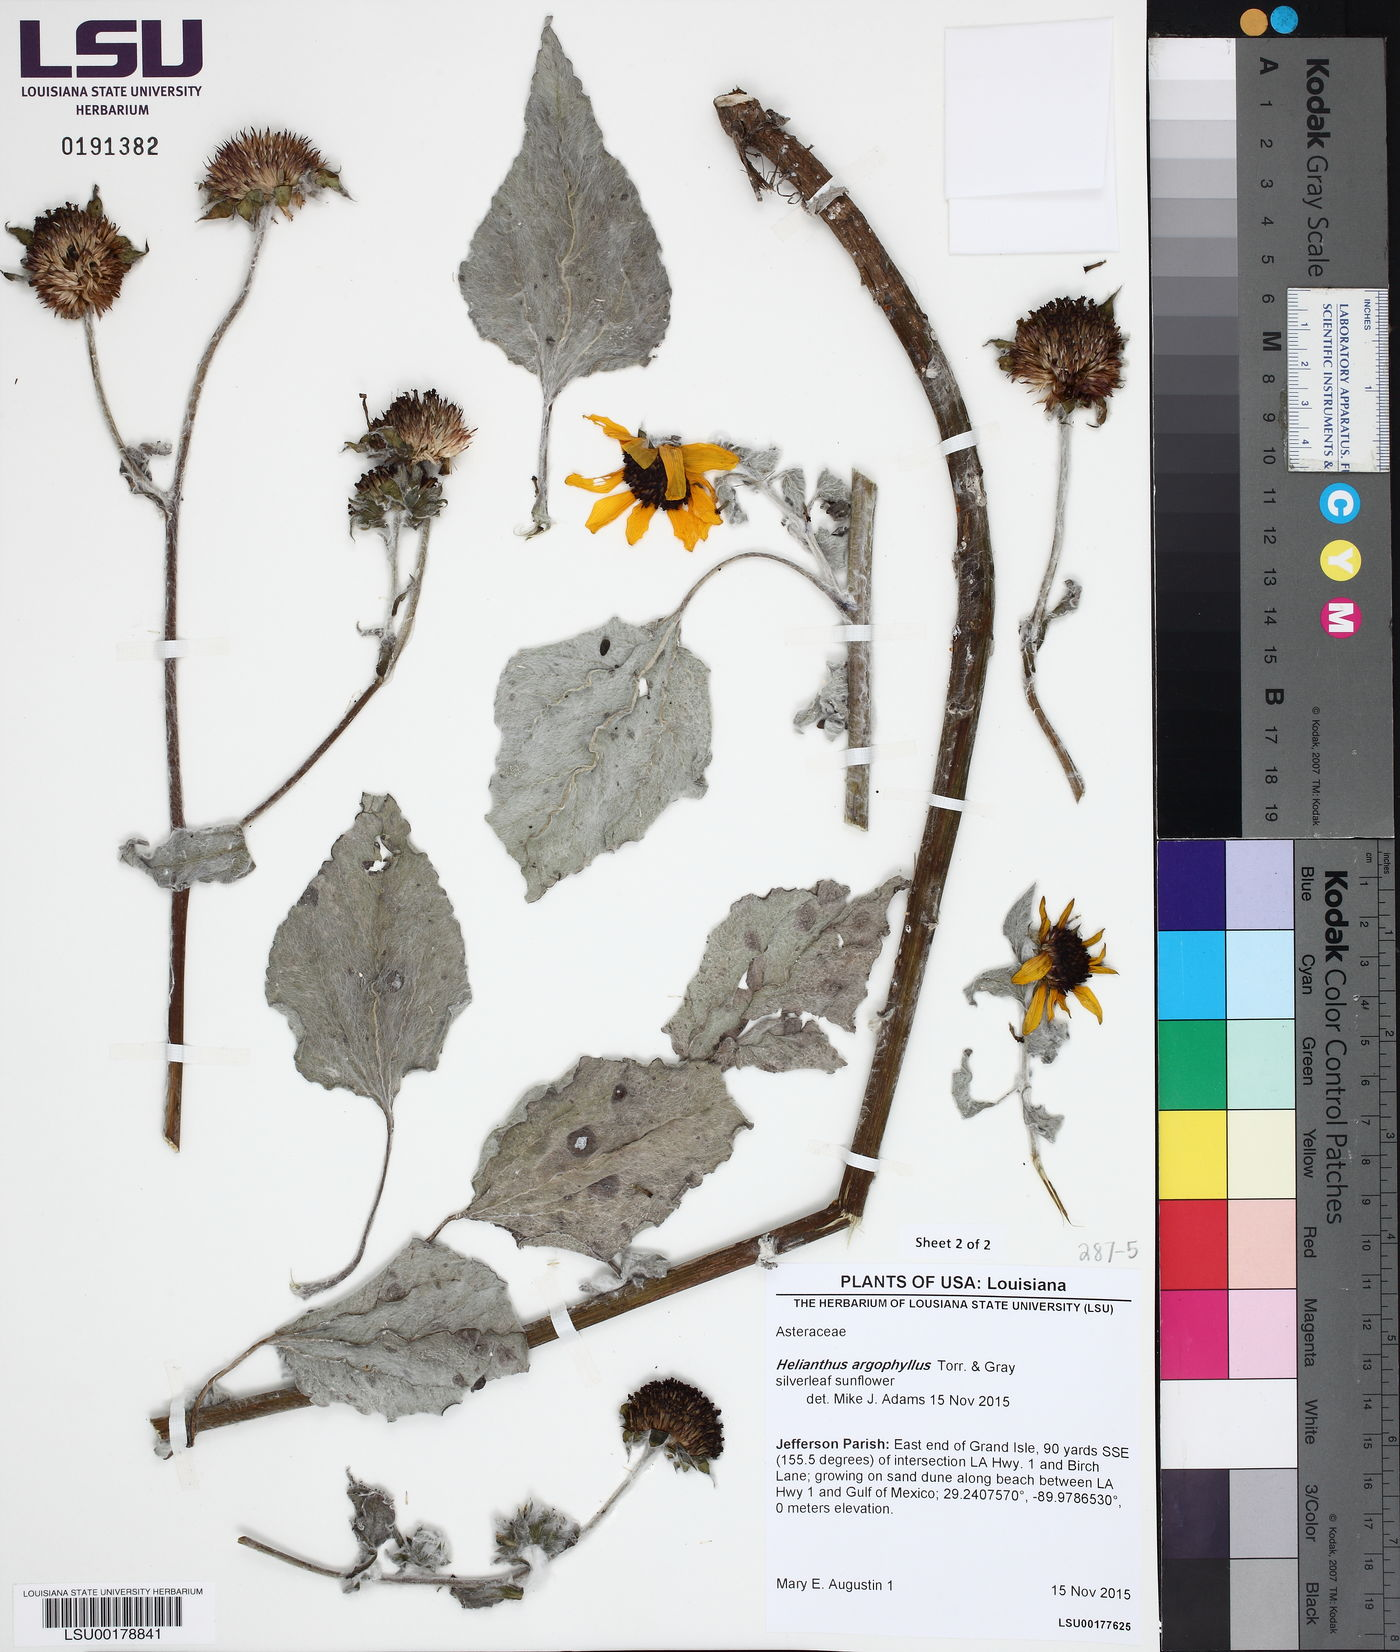 Helianthus argophyllus image